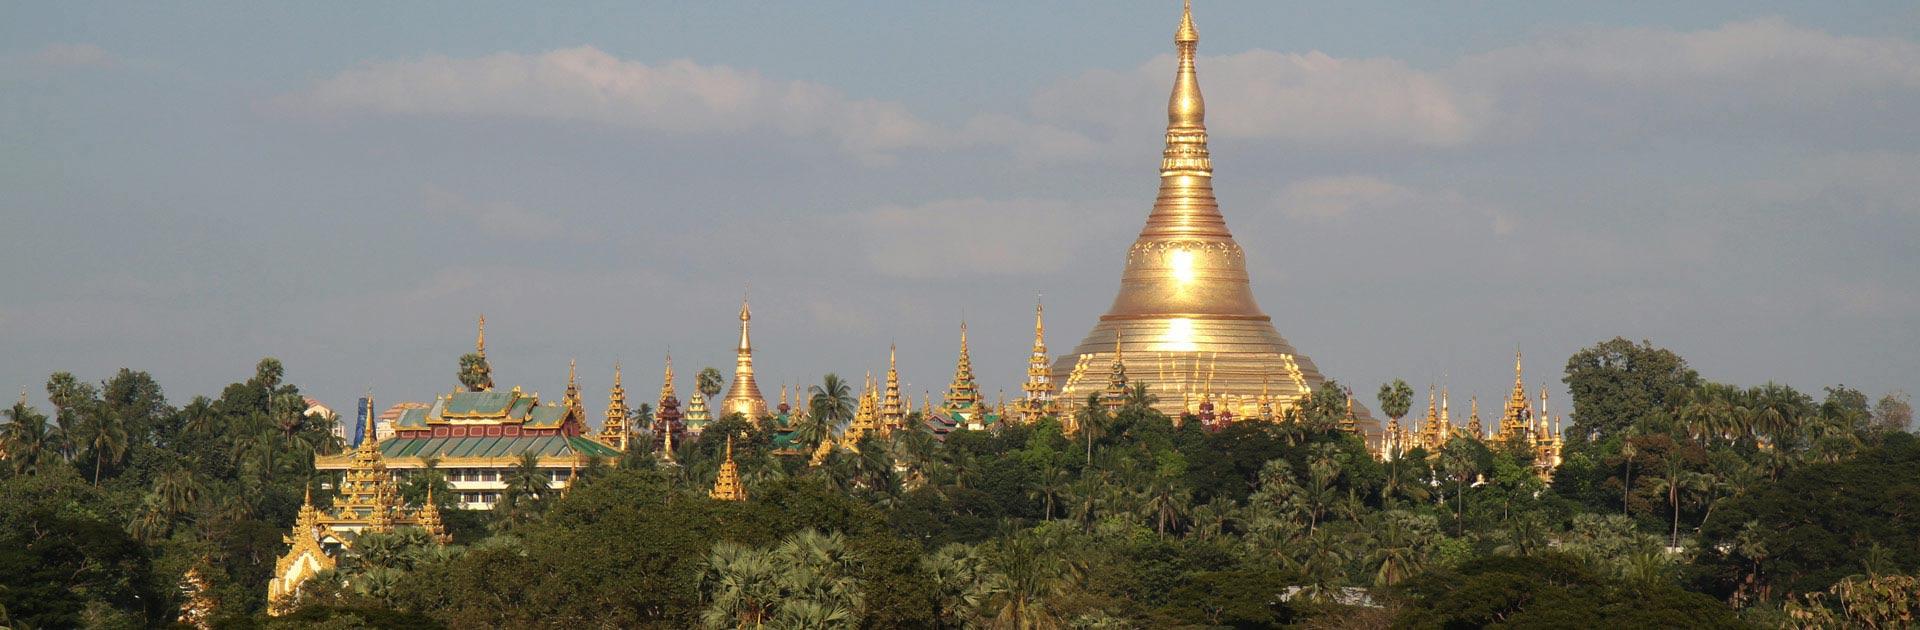 KHMM Recorrido Birmania y Siem Reap 14 días 2